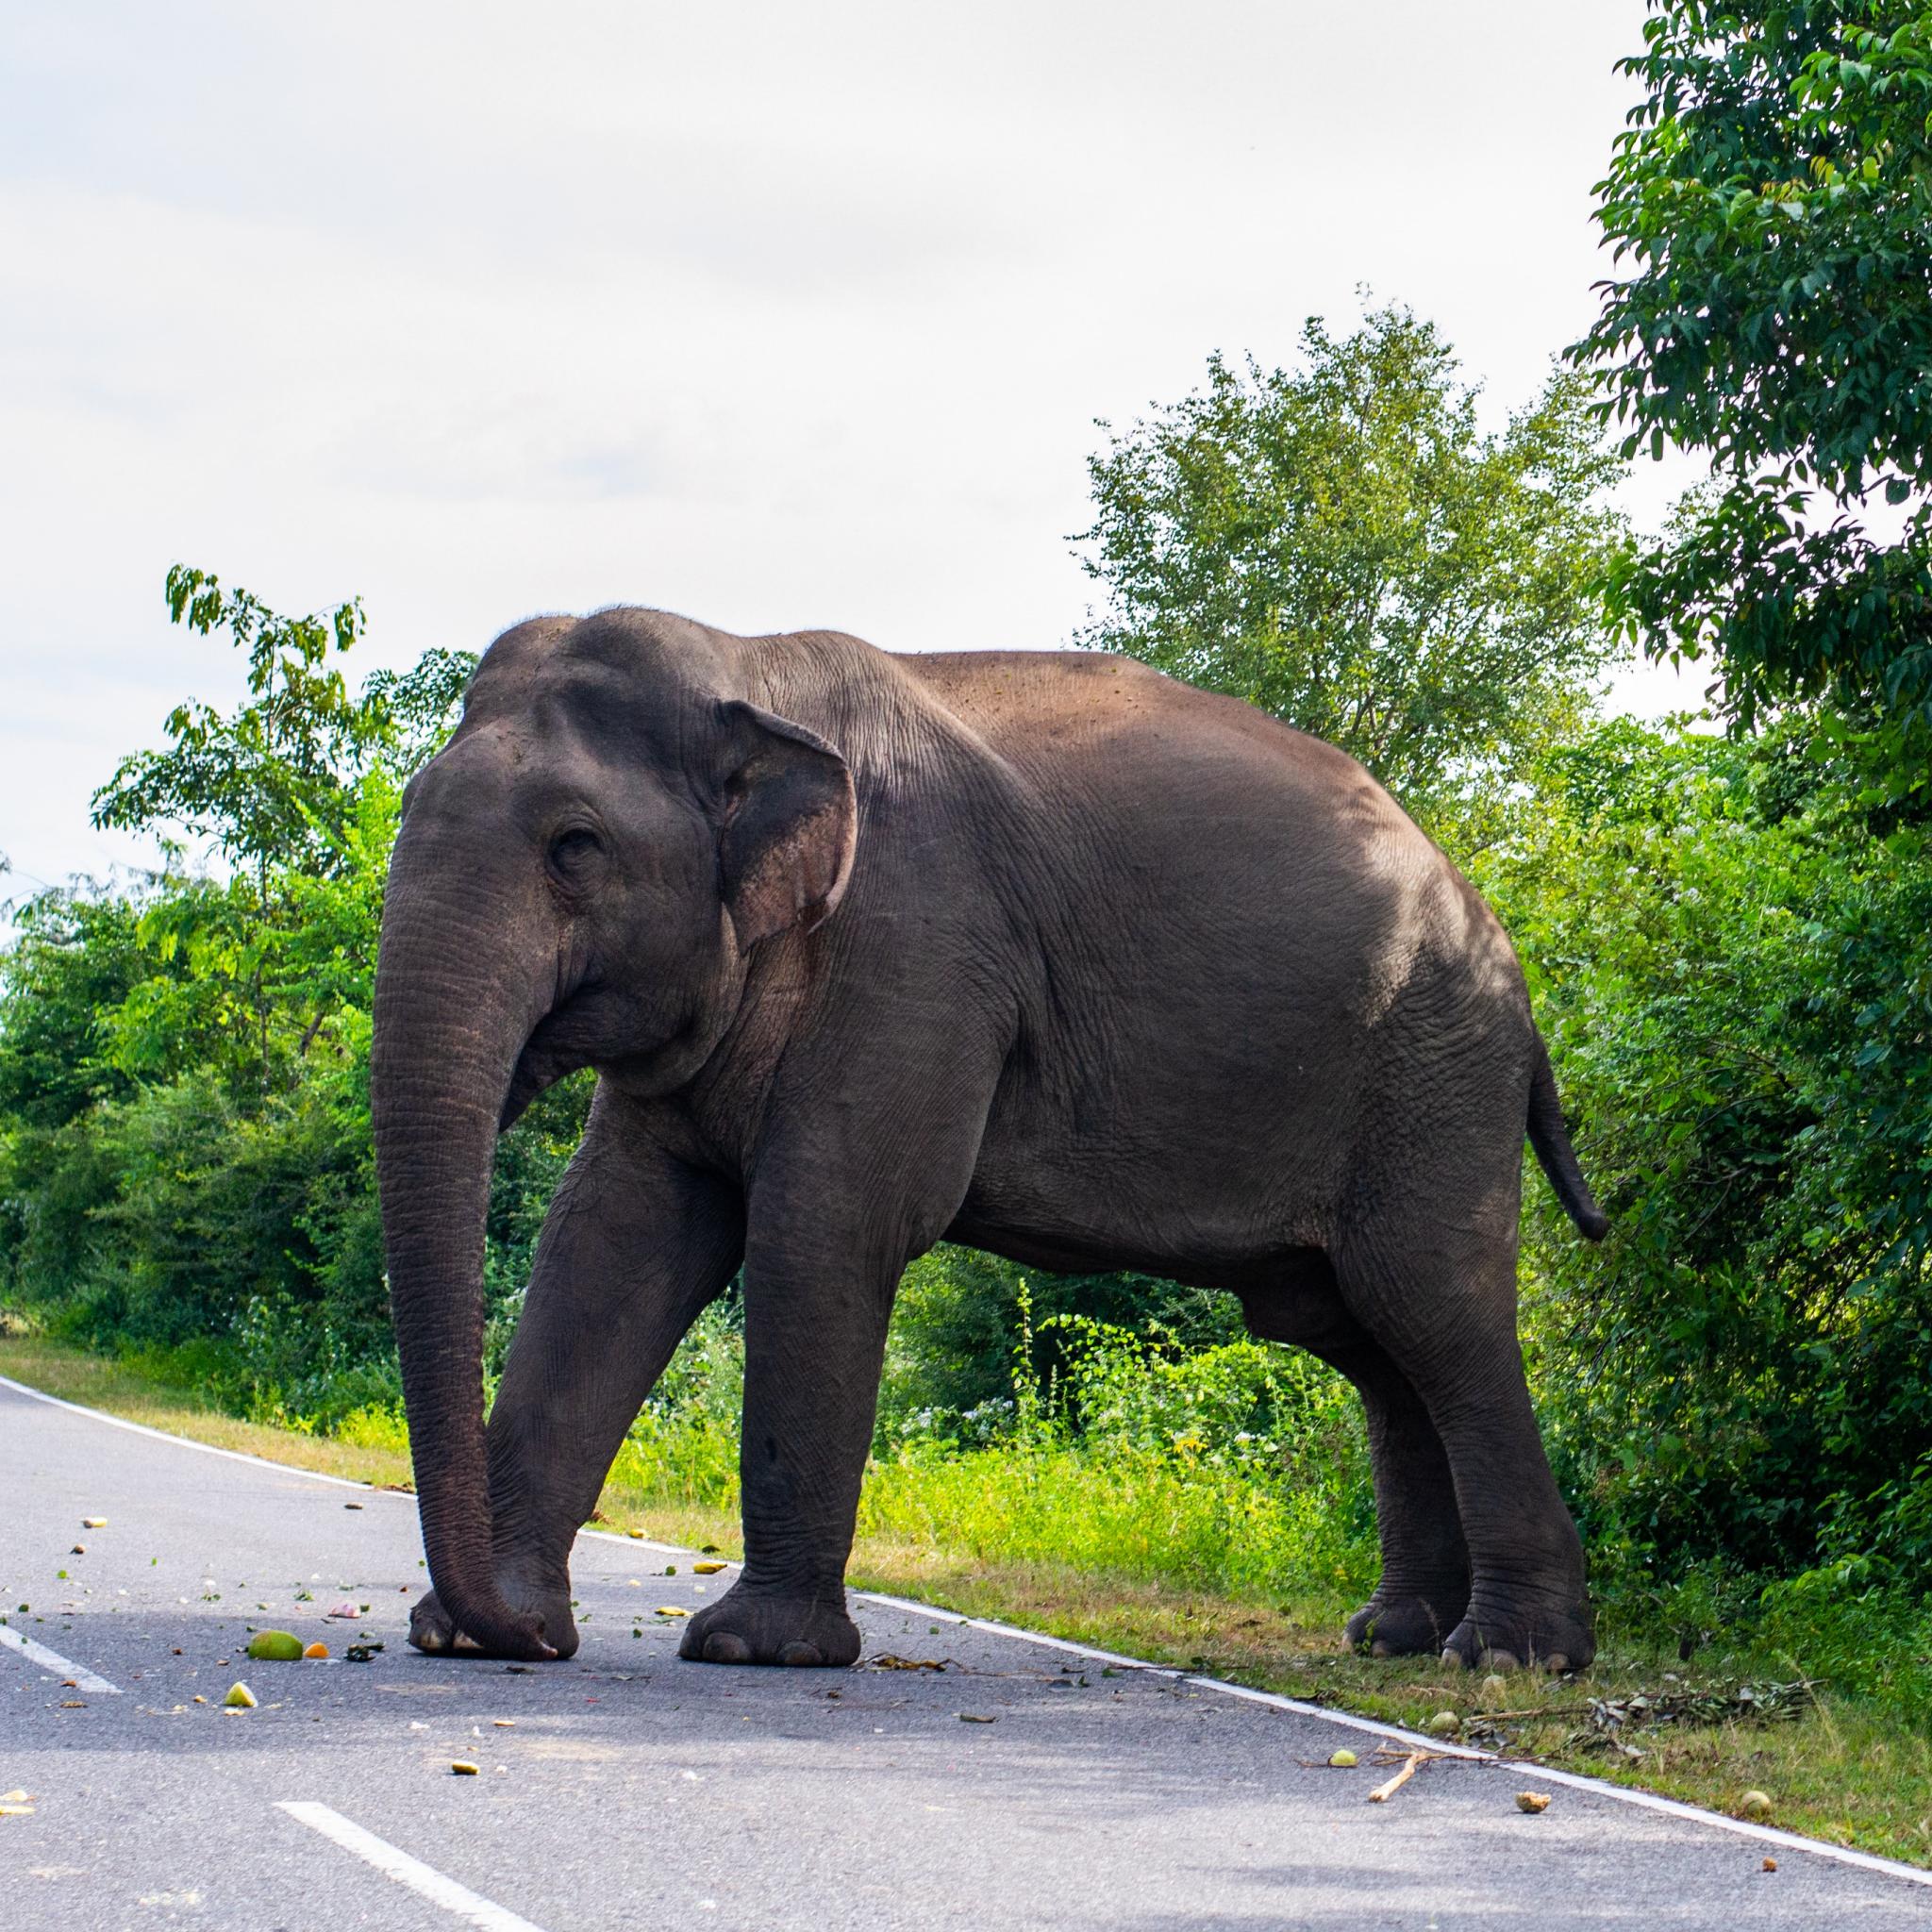 Day 02 - Visit Sigiriya